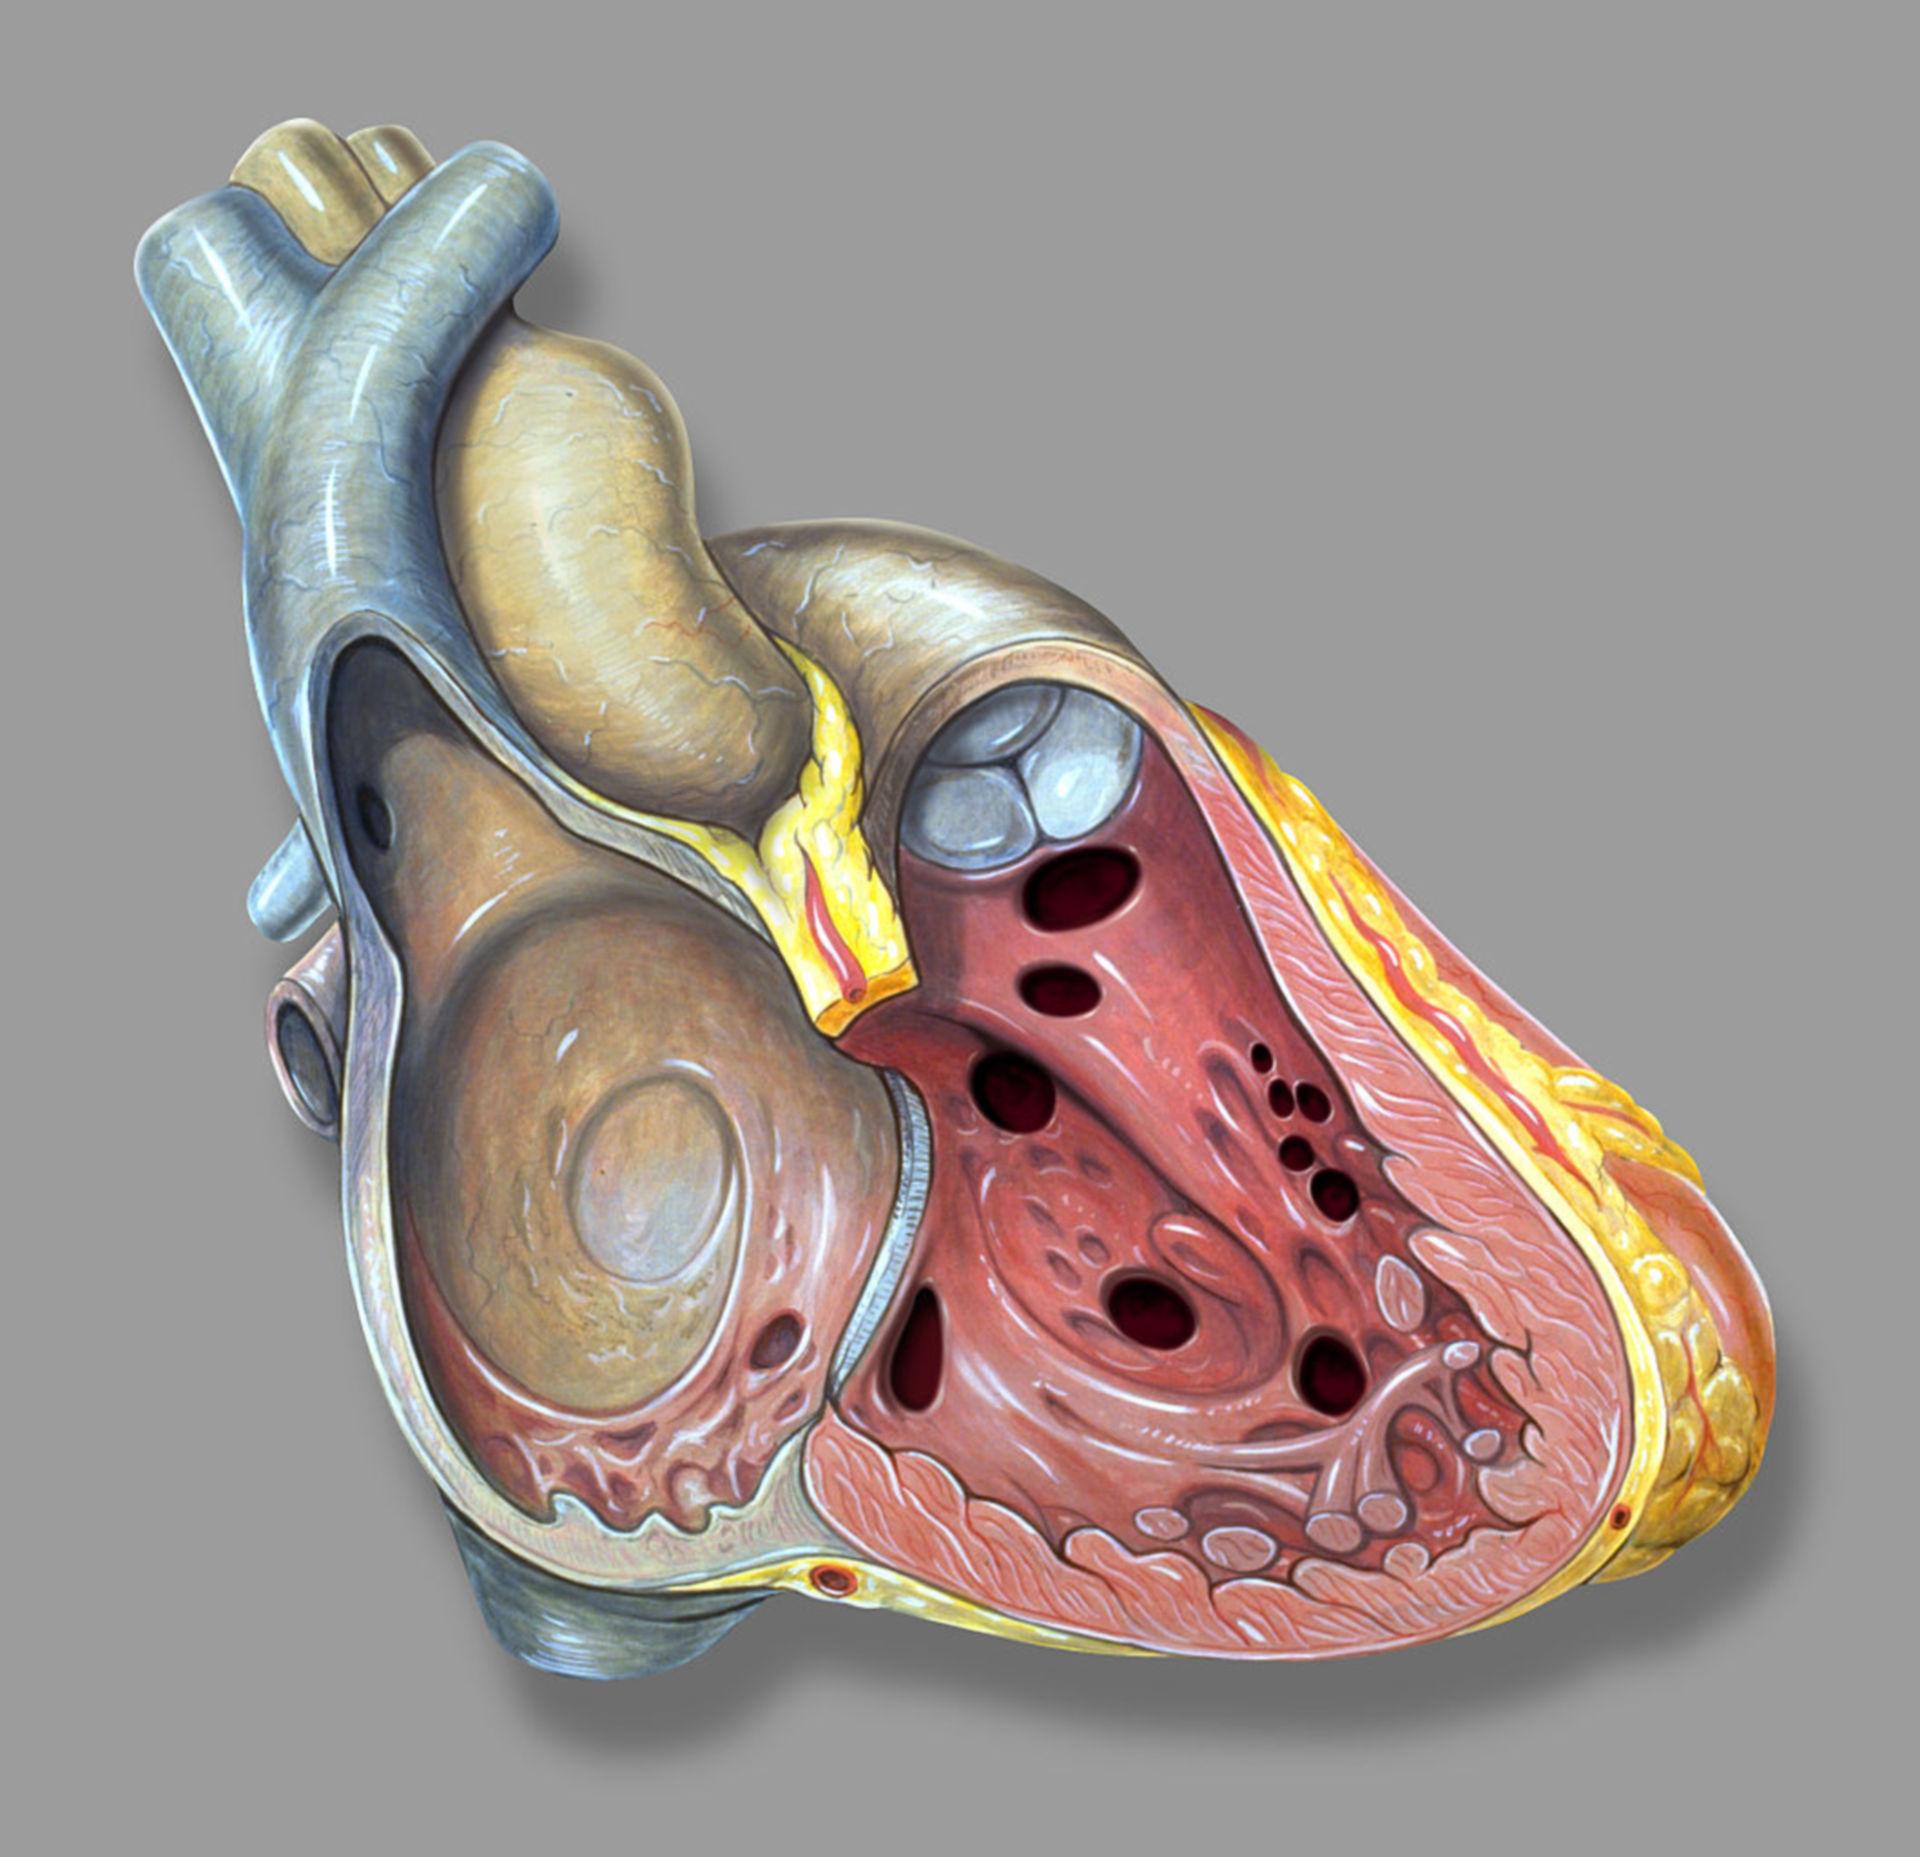 Ventricular septal defects (VSD, Scheme)